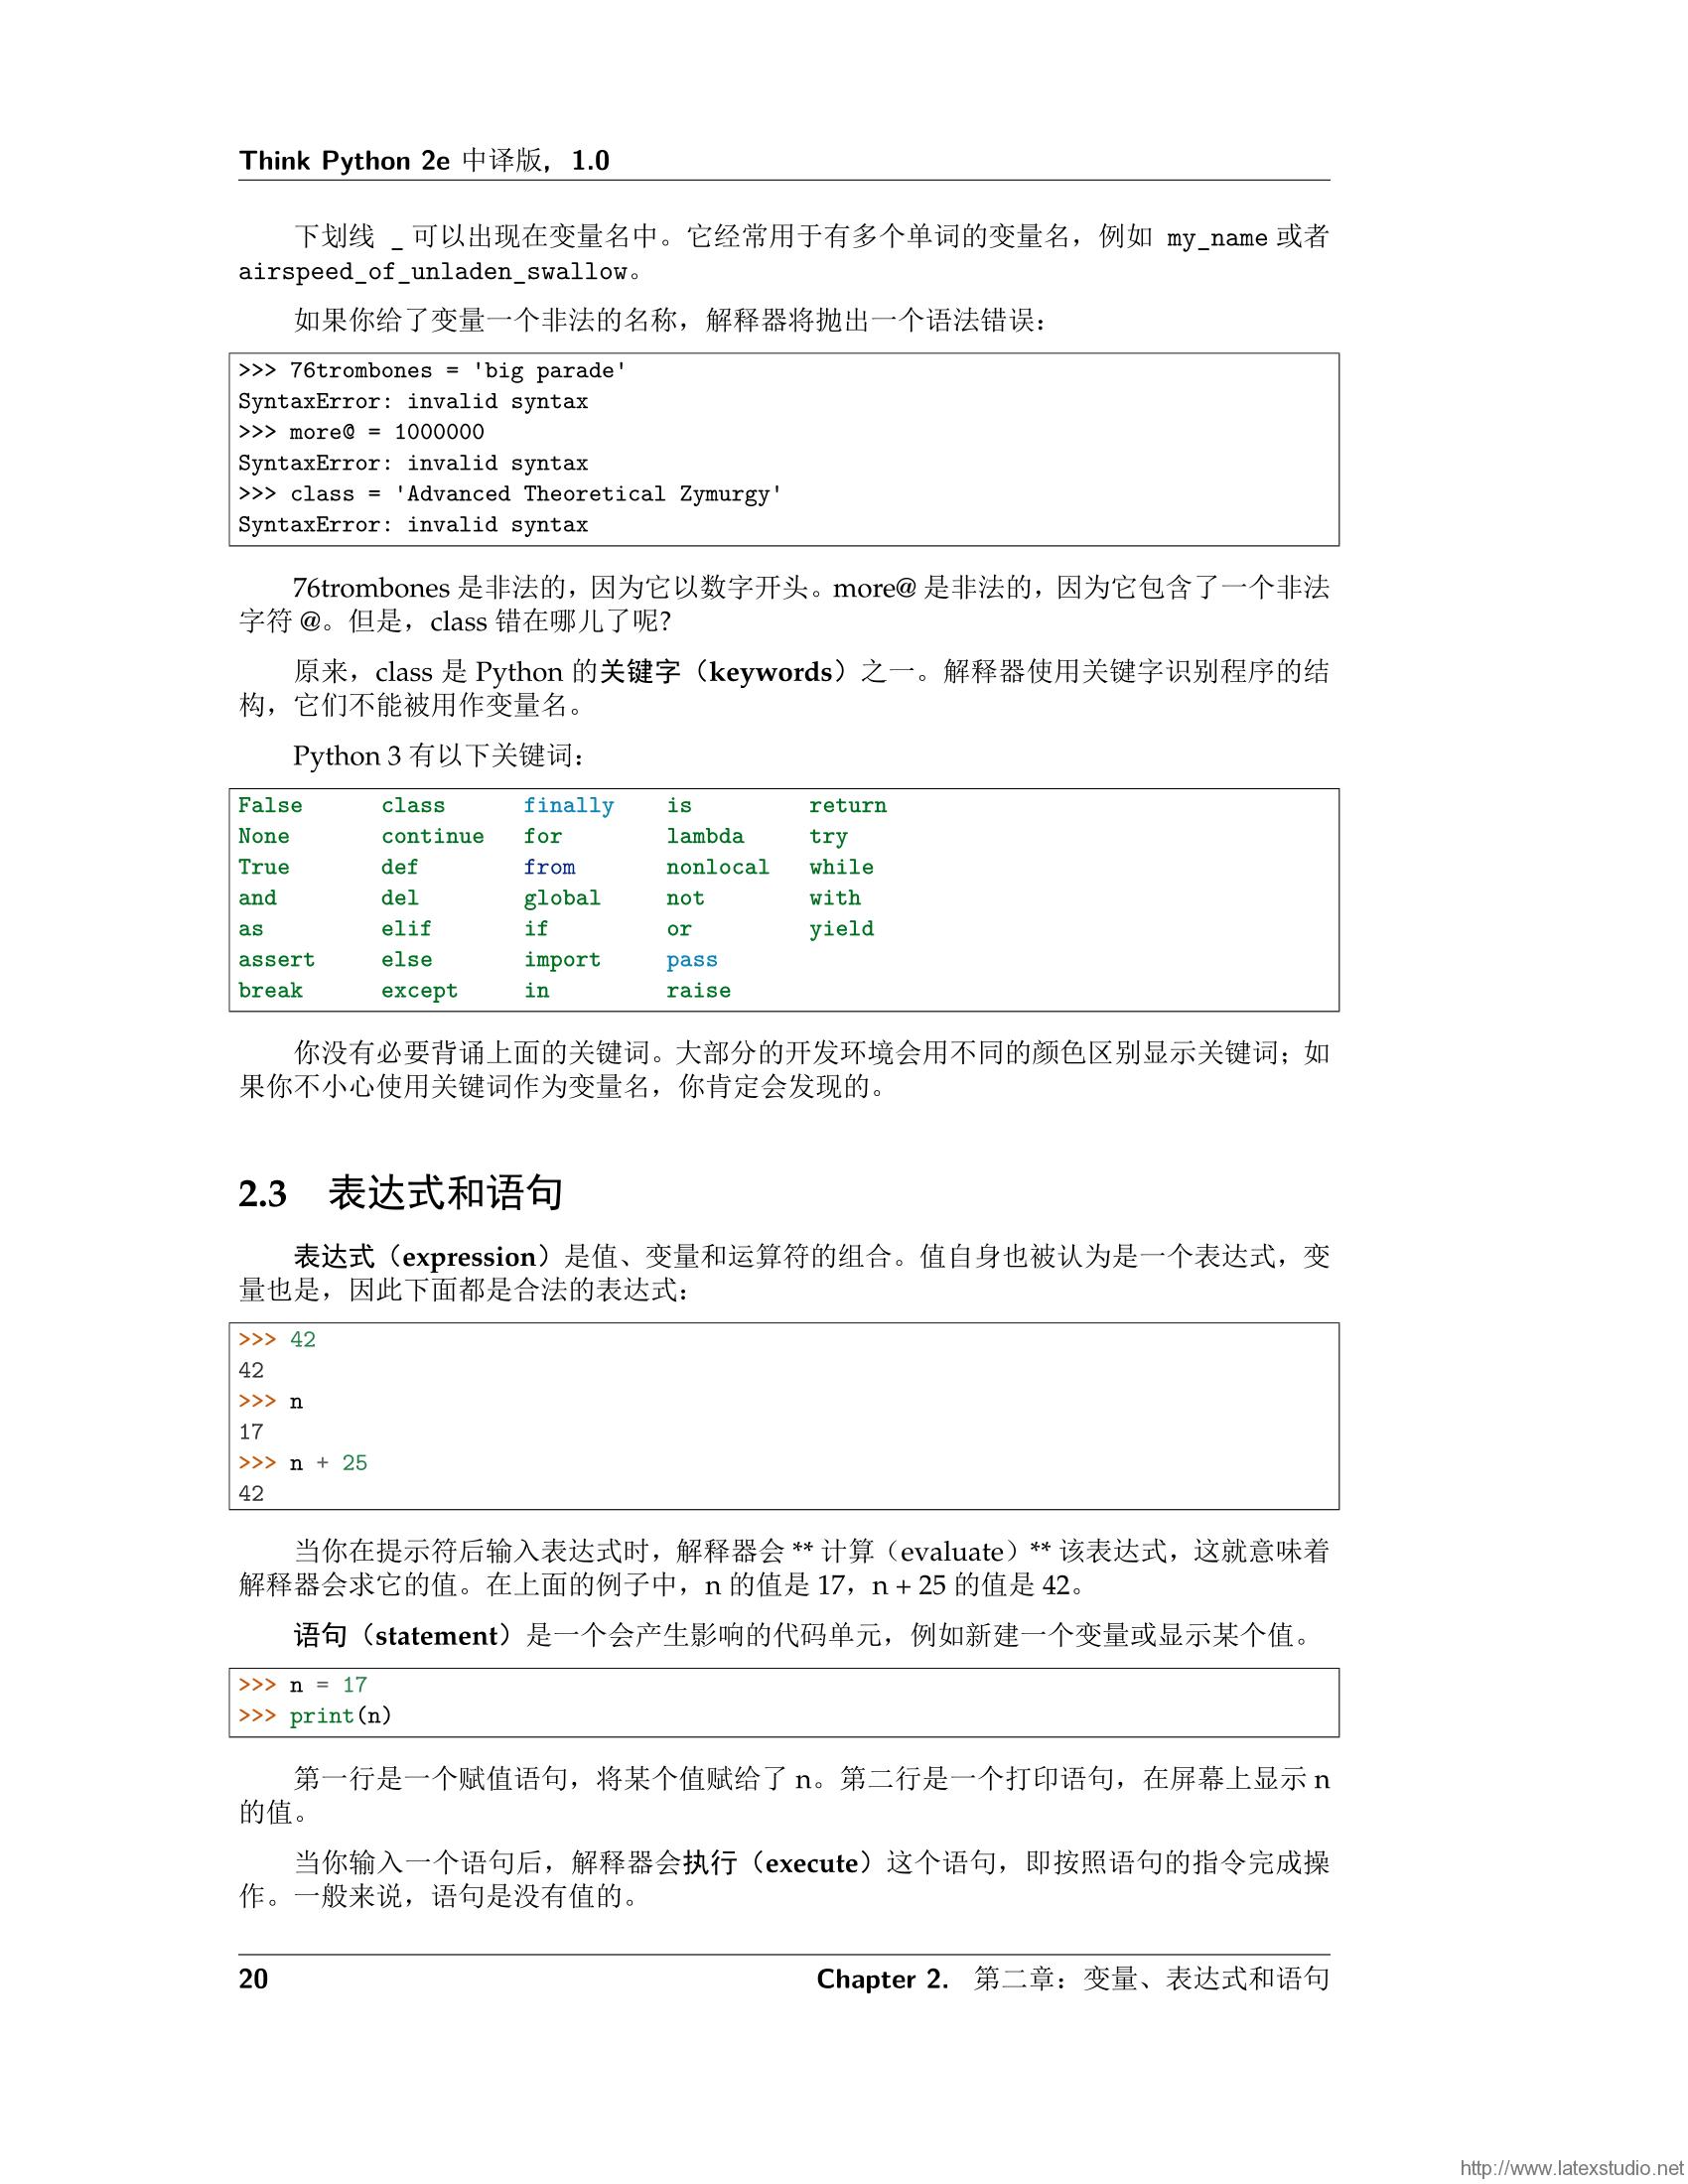 Think_Python2ebook-28